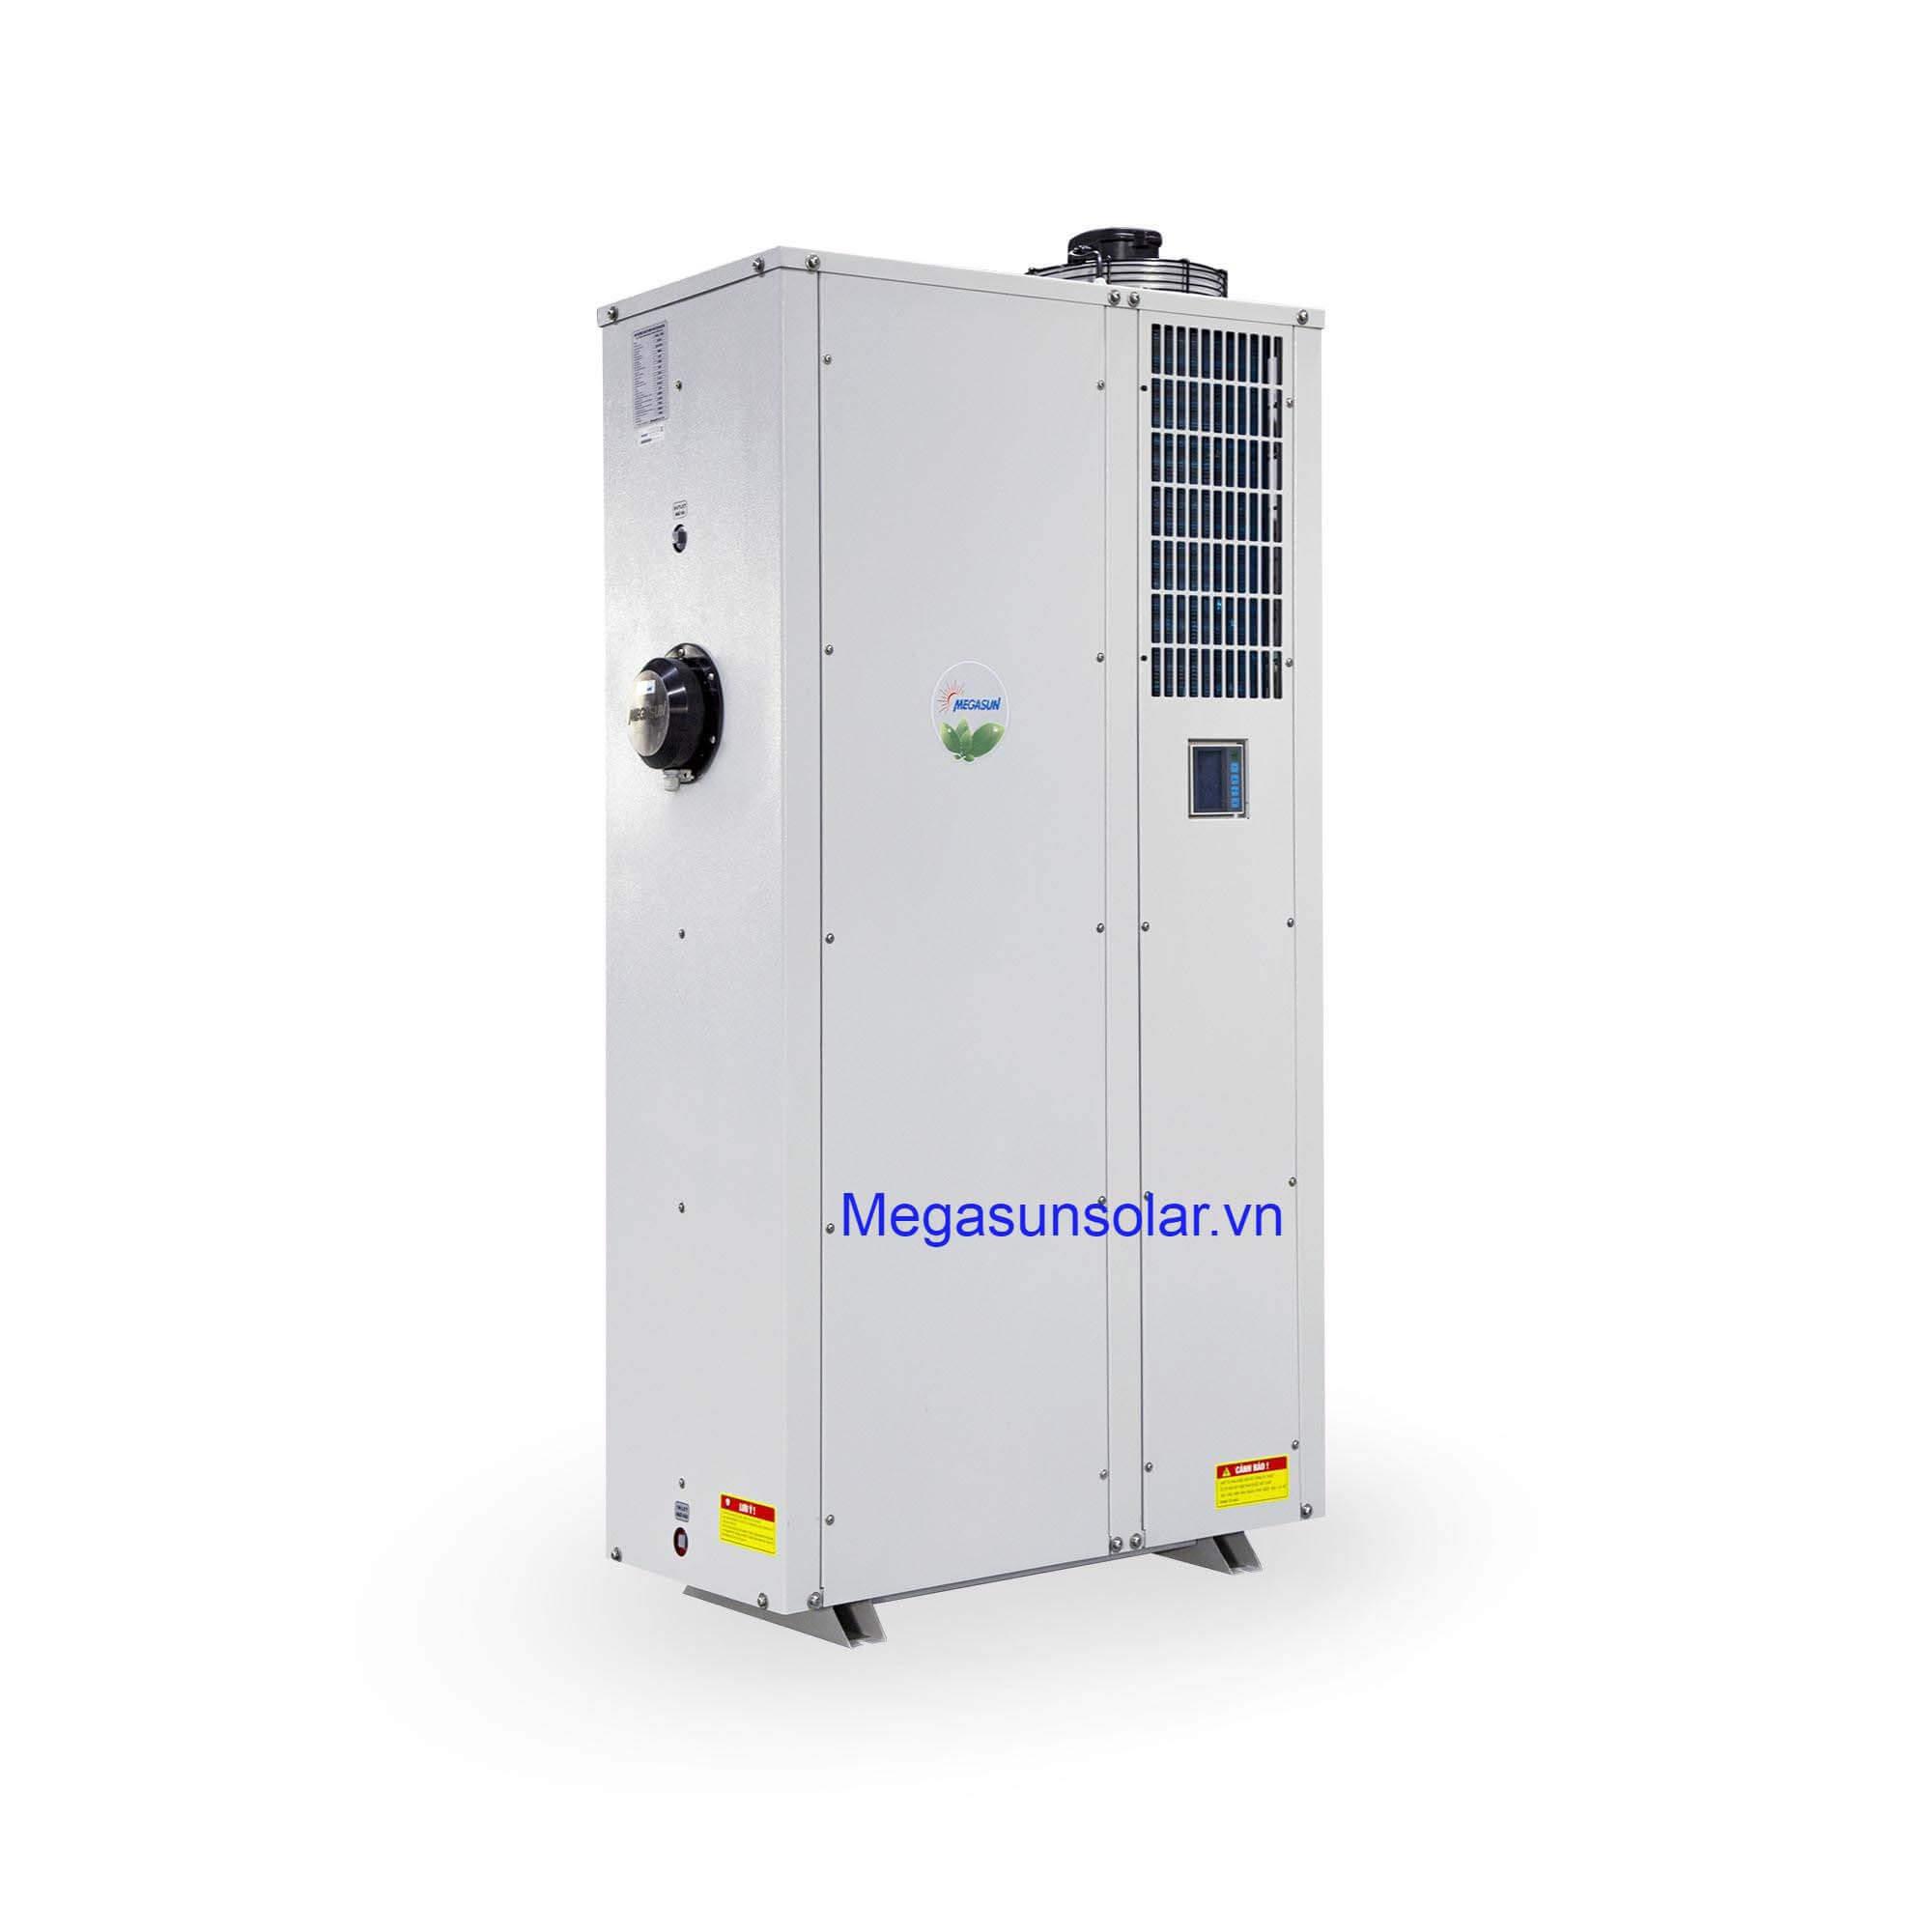 Máy nước nóng trung tâm heat pump Megasun All in one MGS-60D